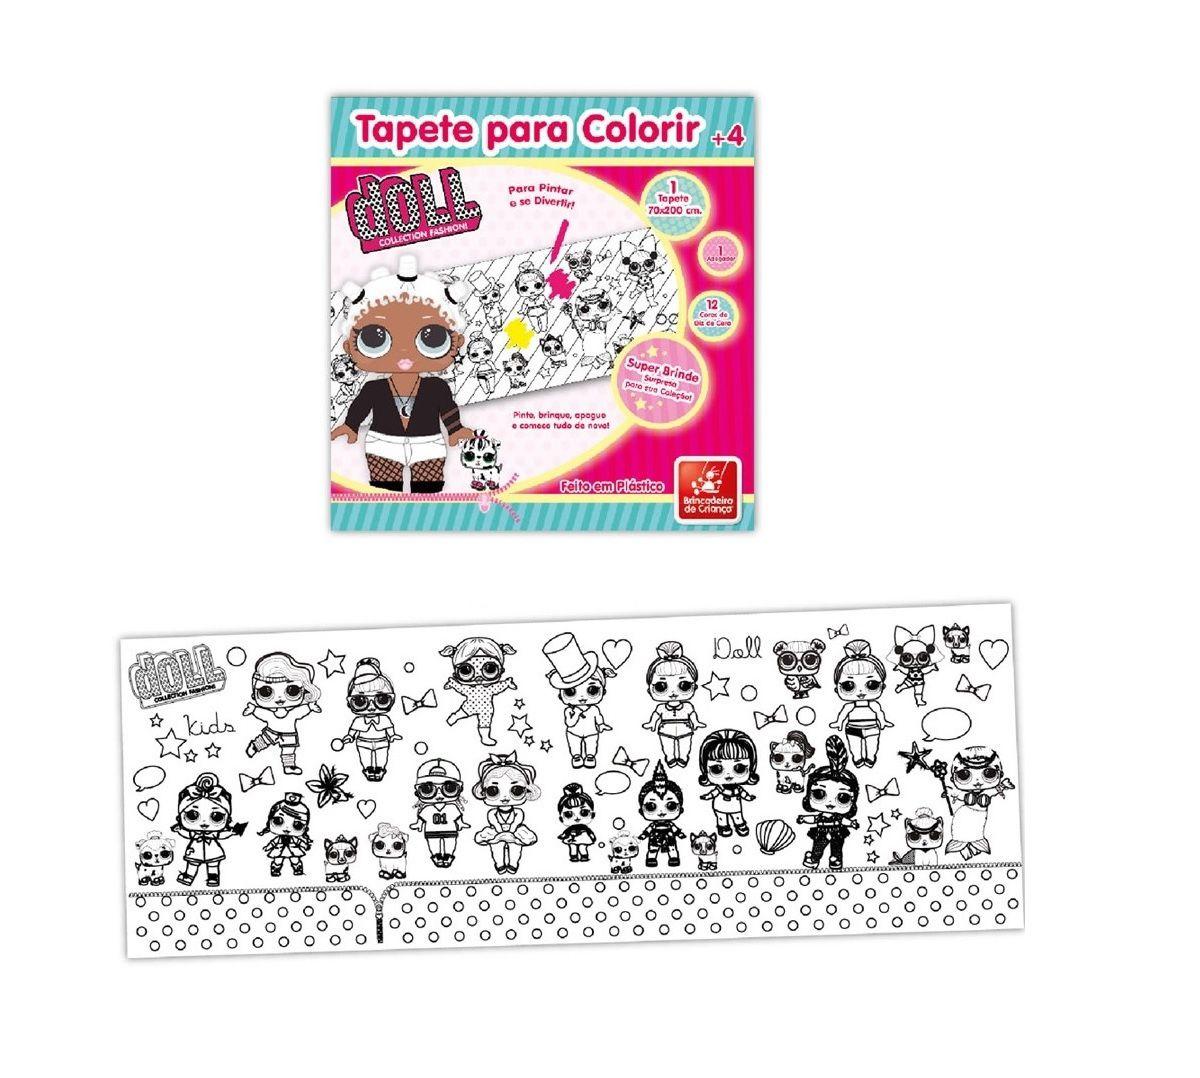 Tapete para Colorir Doll - Brincadeira de Criança